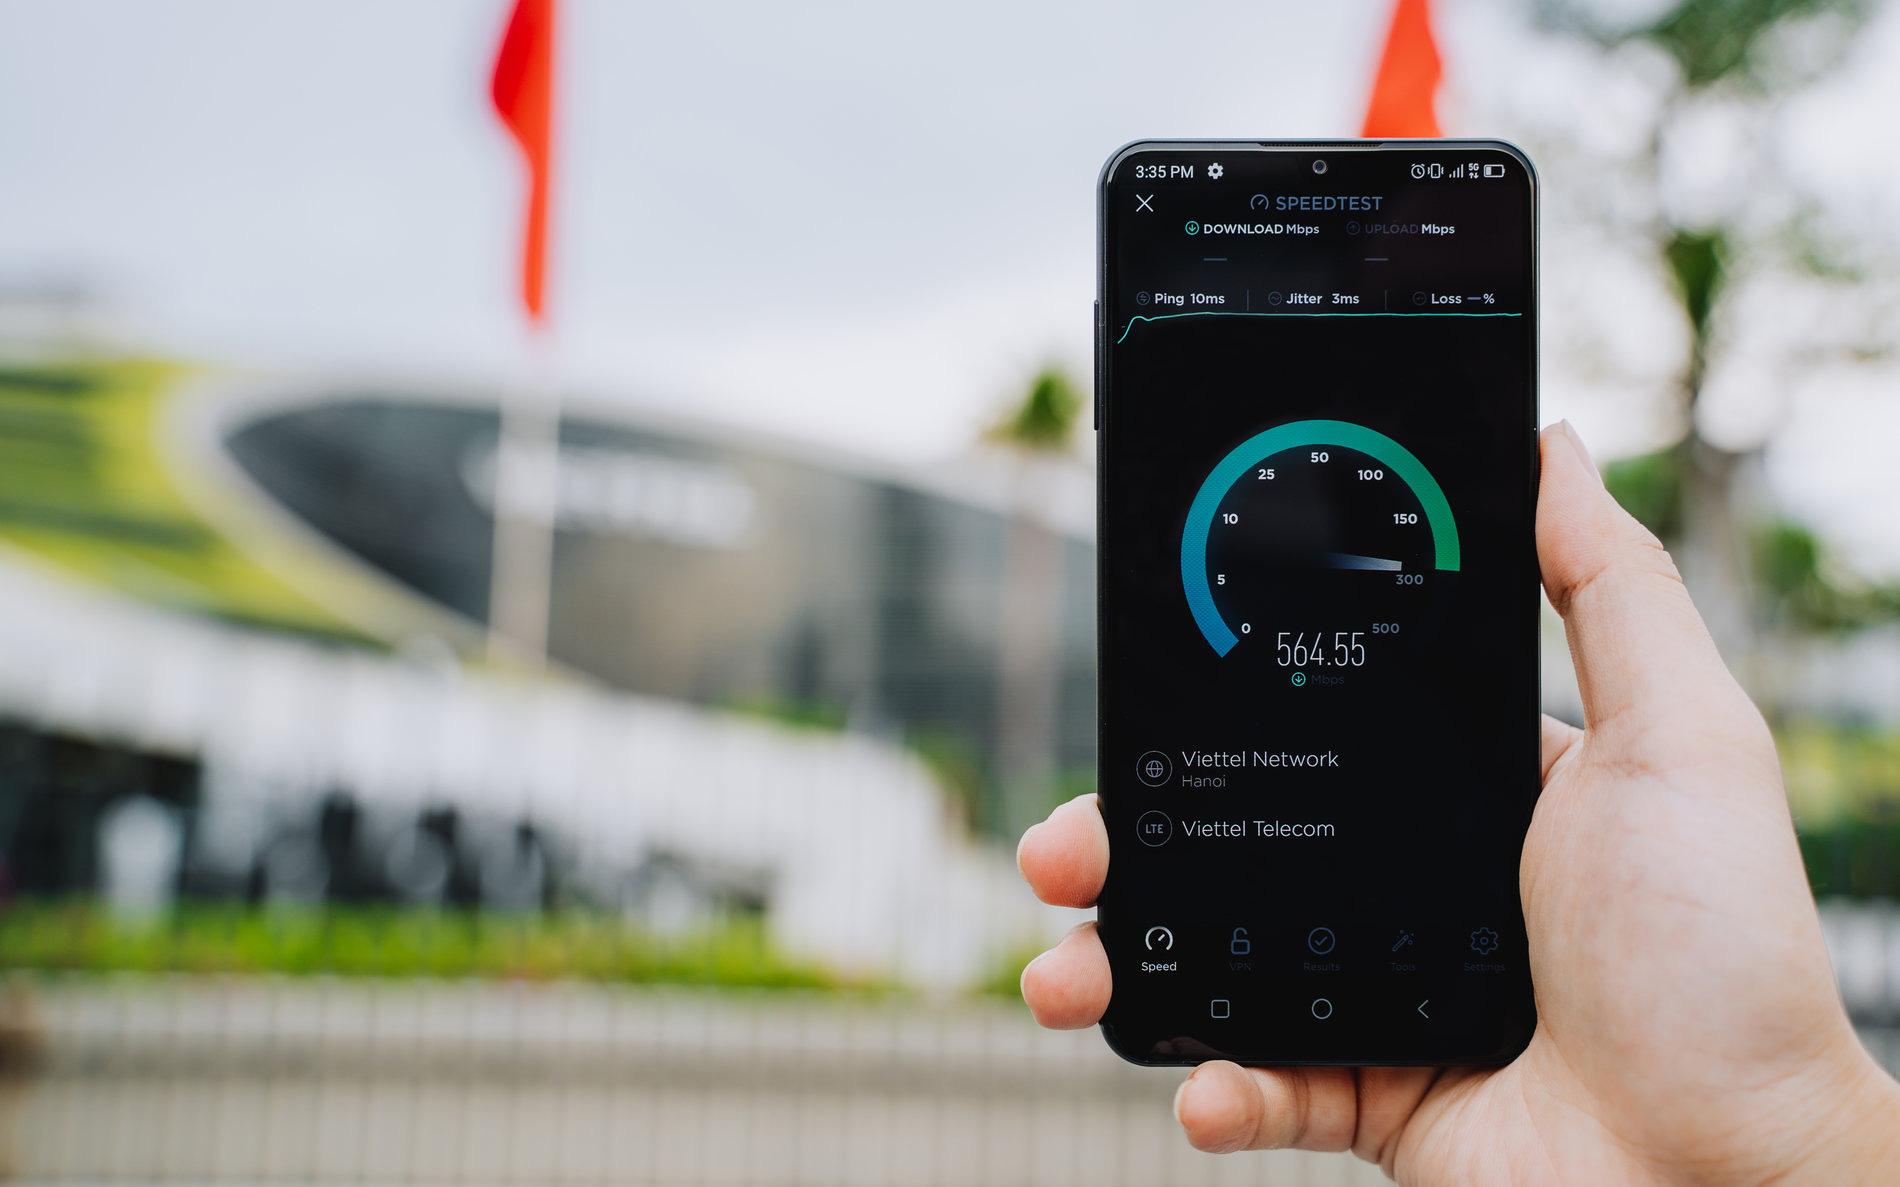 Tốc độ truy cập 5G trên smartphone mới nhất của VinSmart nhanh hơn bao lần so với sóng 3G và 4G?